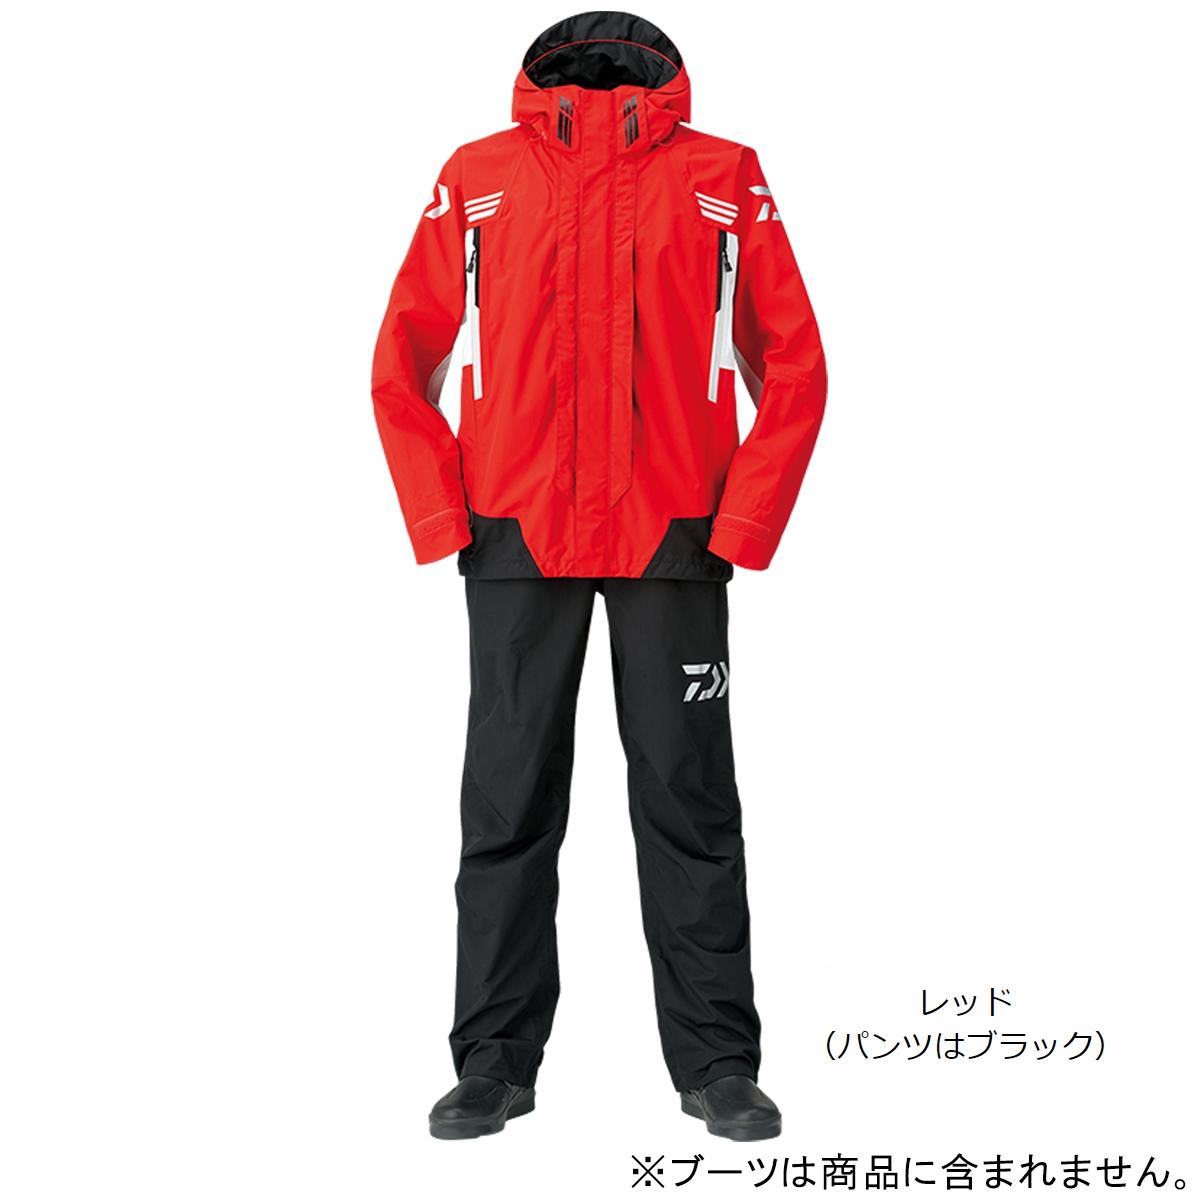 ダイワ レインマックス ハイパー コンビアップレインスーツ DR-3108 M レッド(東日本店)